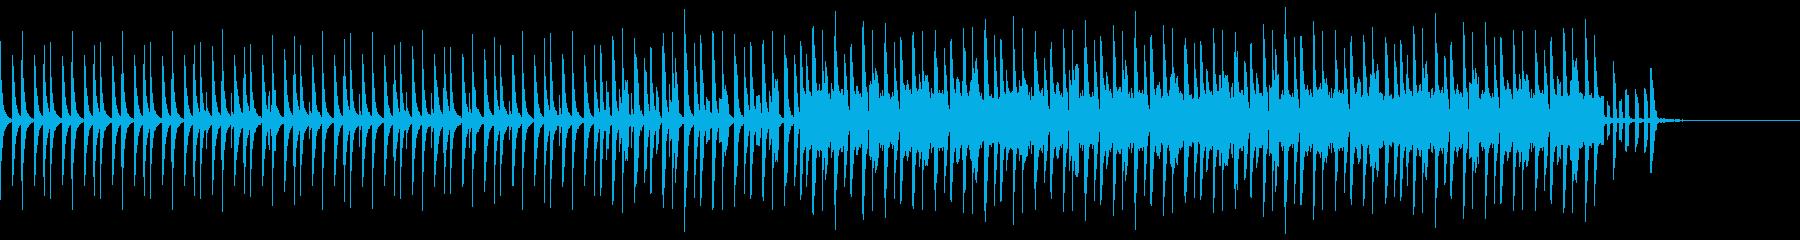 ドラム抜きバージョンの再生済みの波形